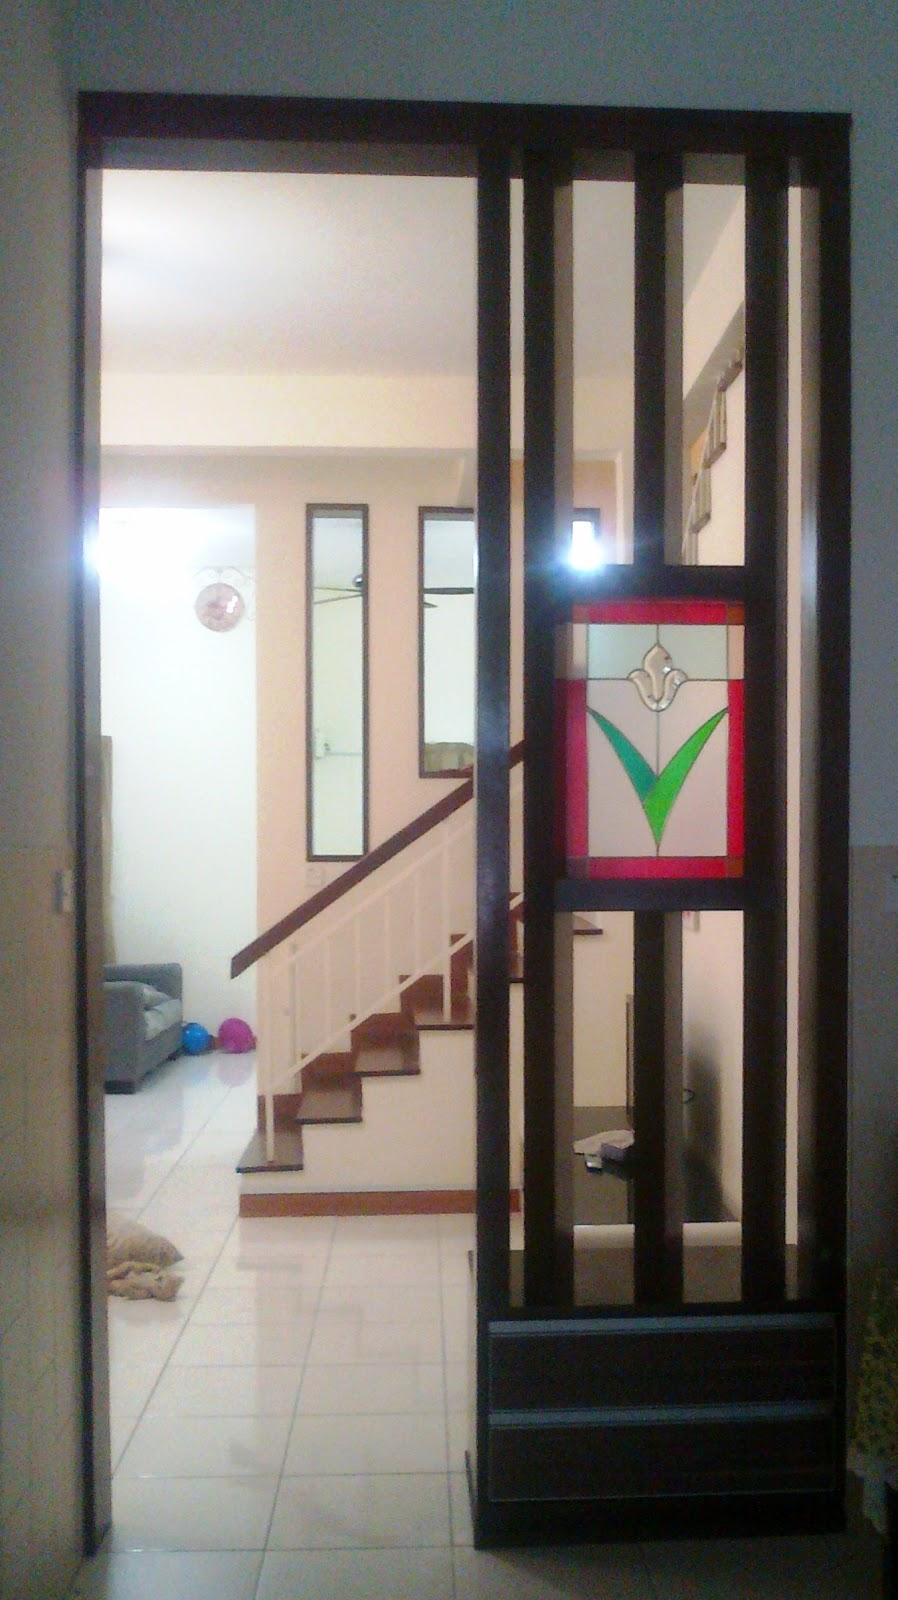 Pertama Sebagai Pembahagi Ruang Antara Tamu Dan Dapur Kedua Tempat Duduk Terakhir Sekali Penyeri Rumah Anda